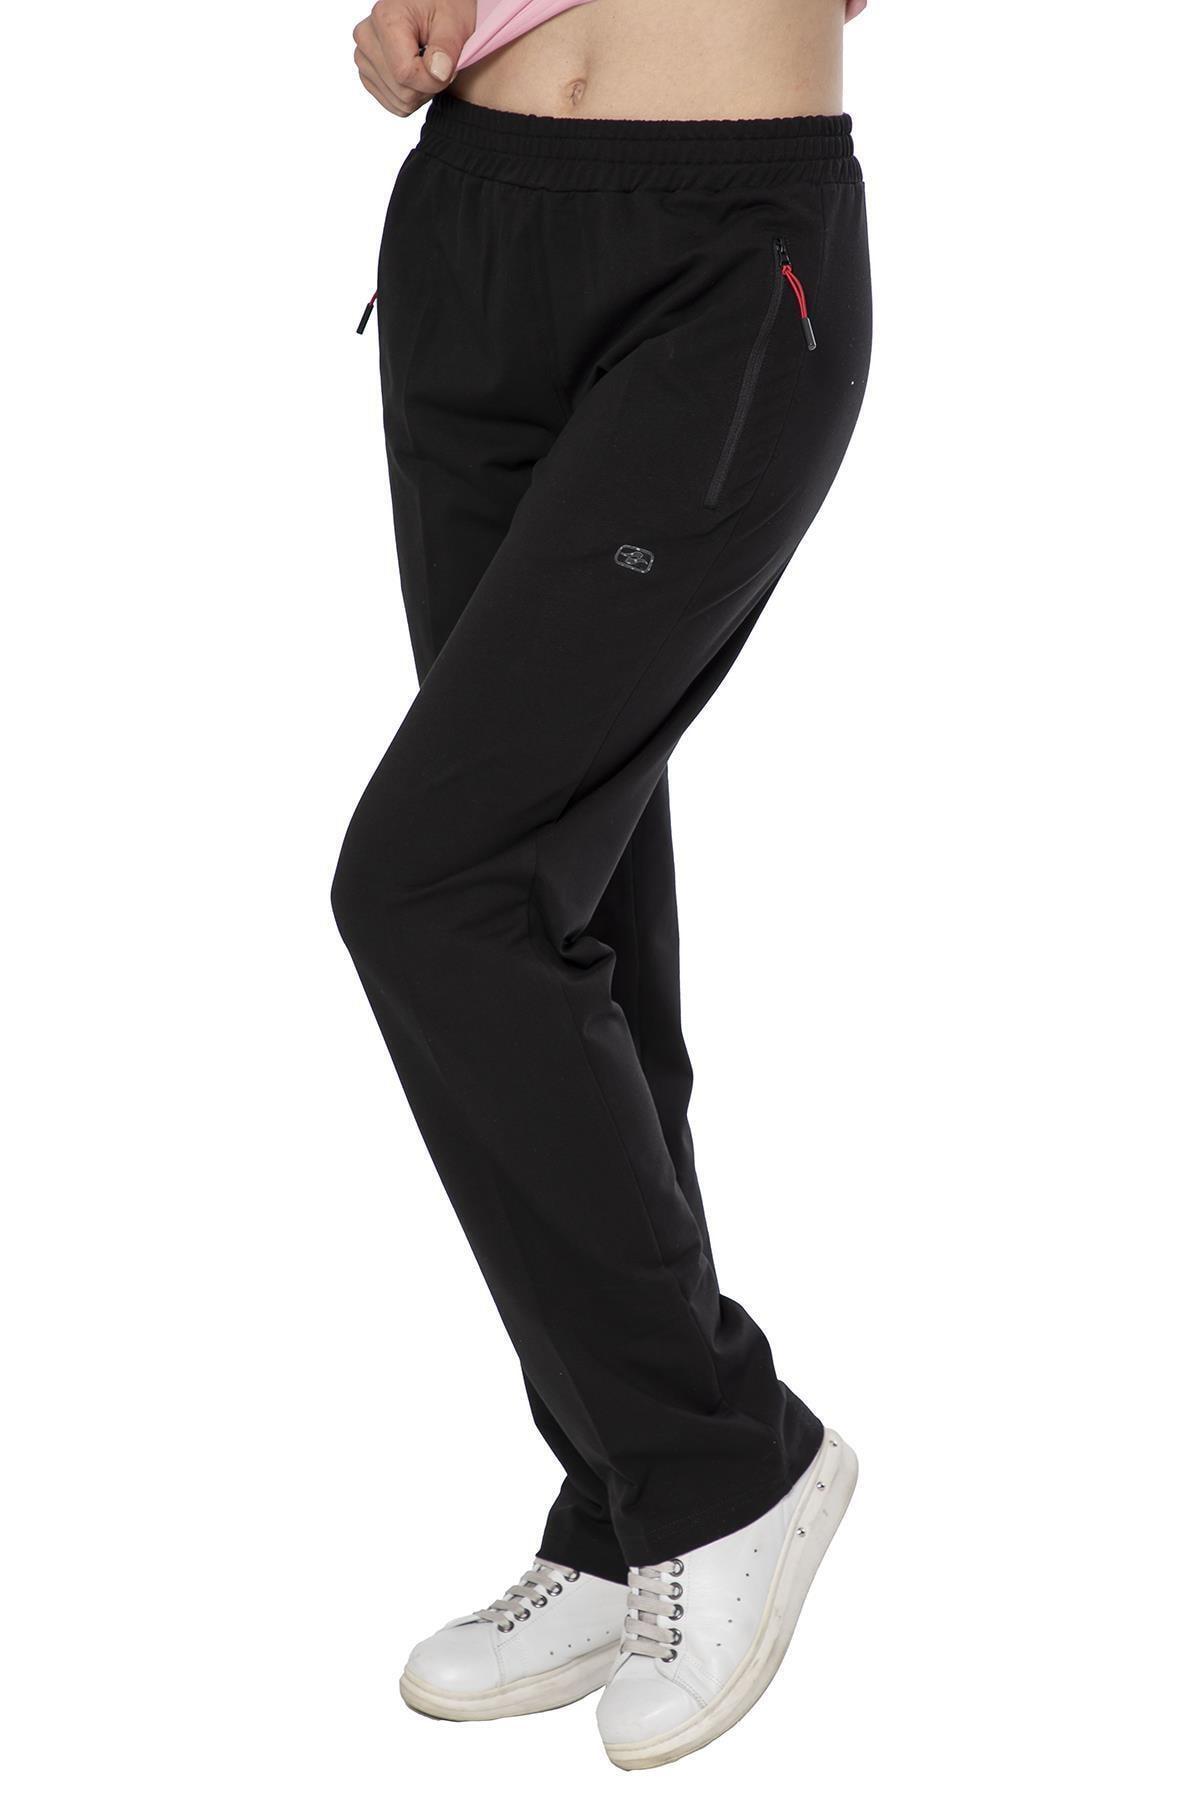 Crozwise Dalgıç Bayan Spor Pantolon 2